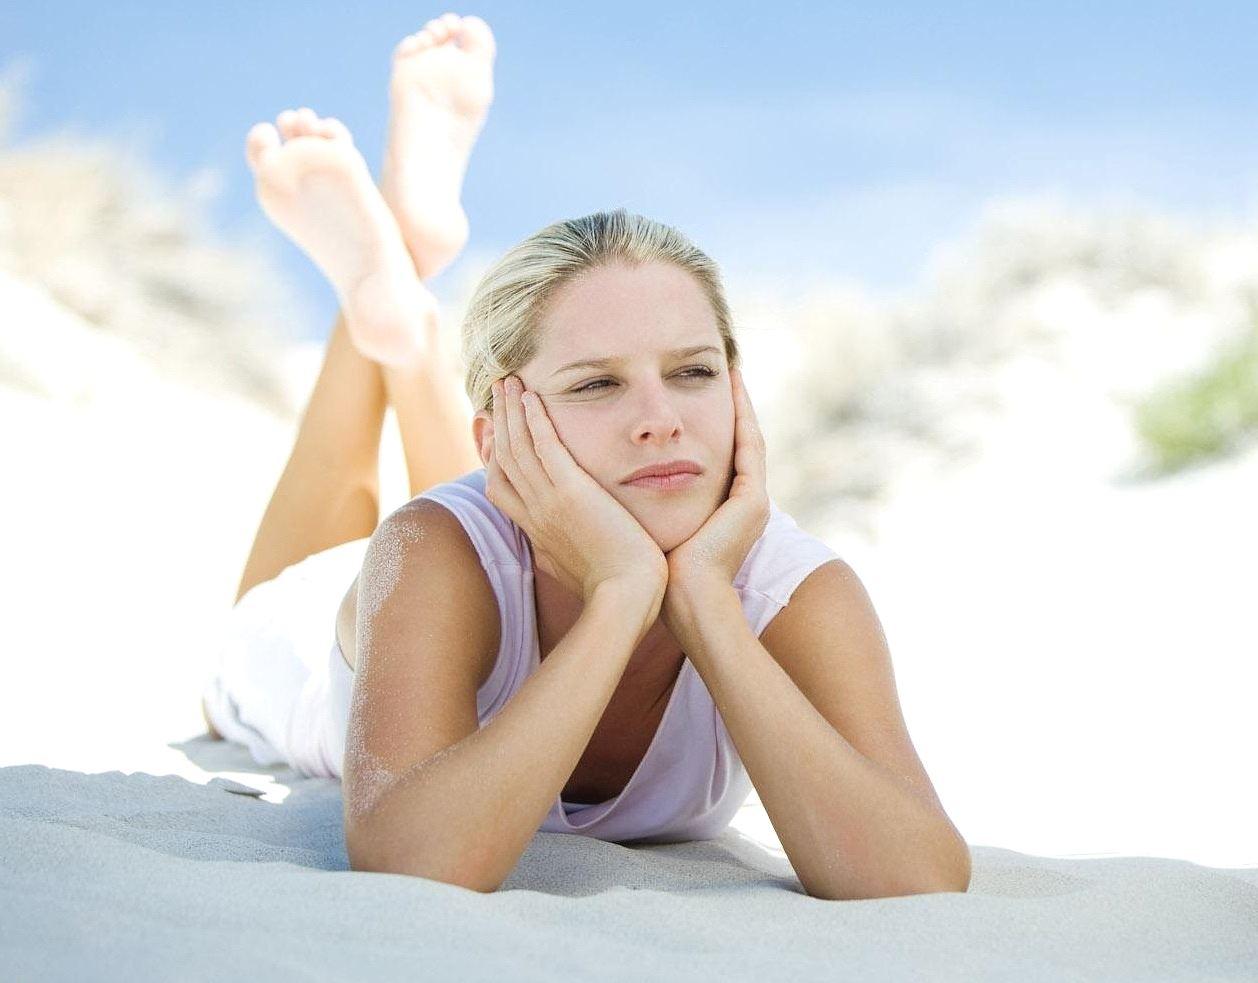 Молочница у женщин - симптомы лечение фото причины и признаки